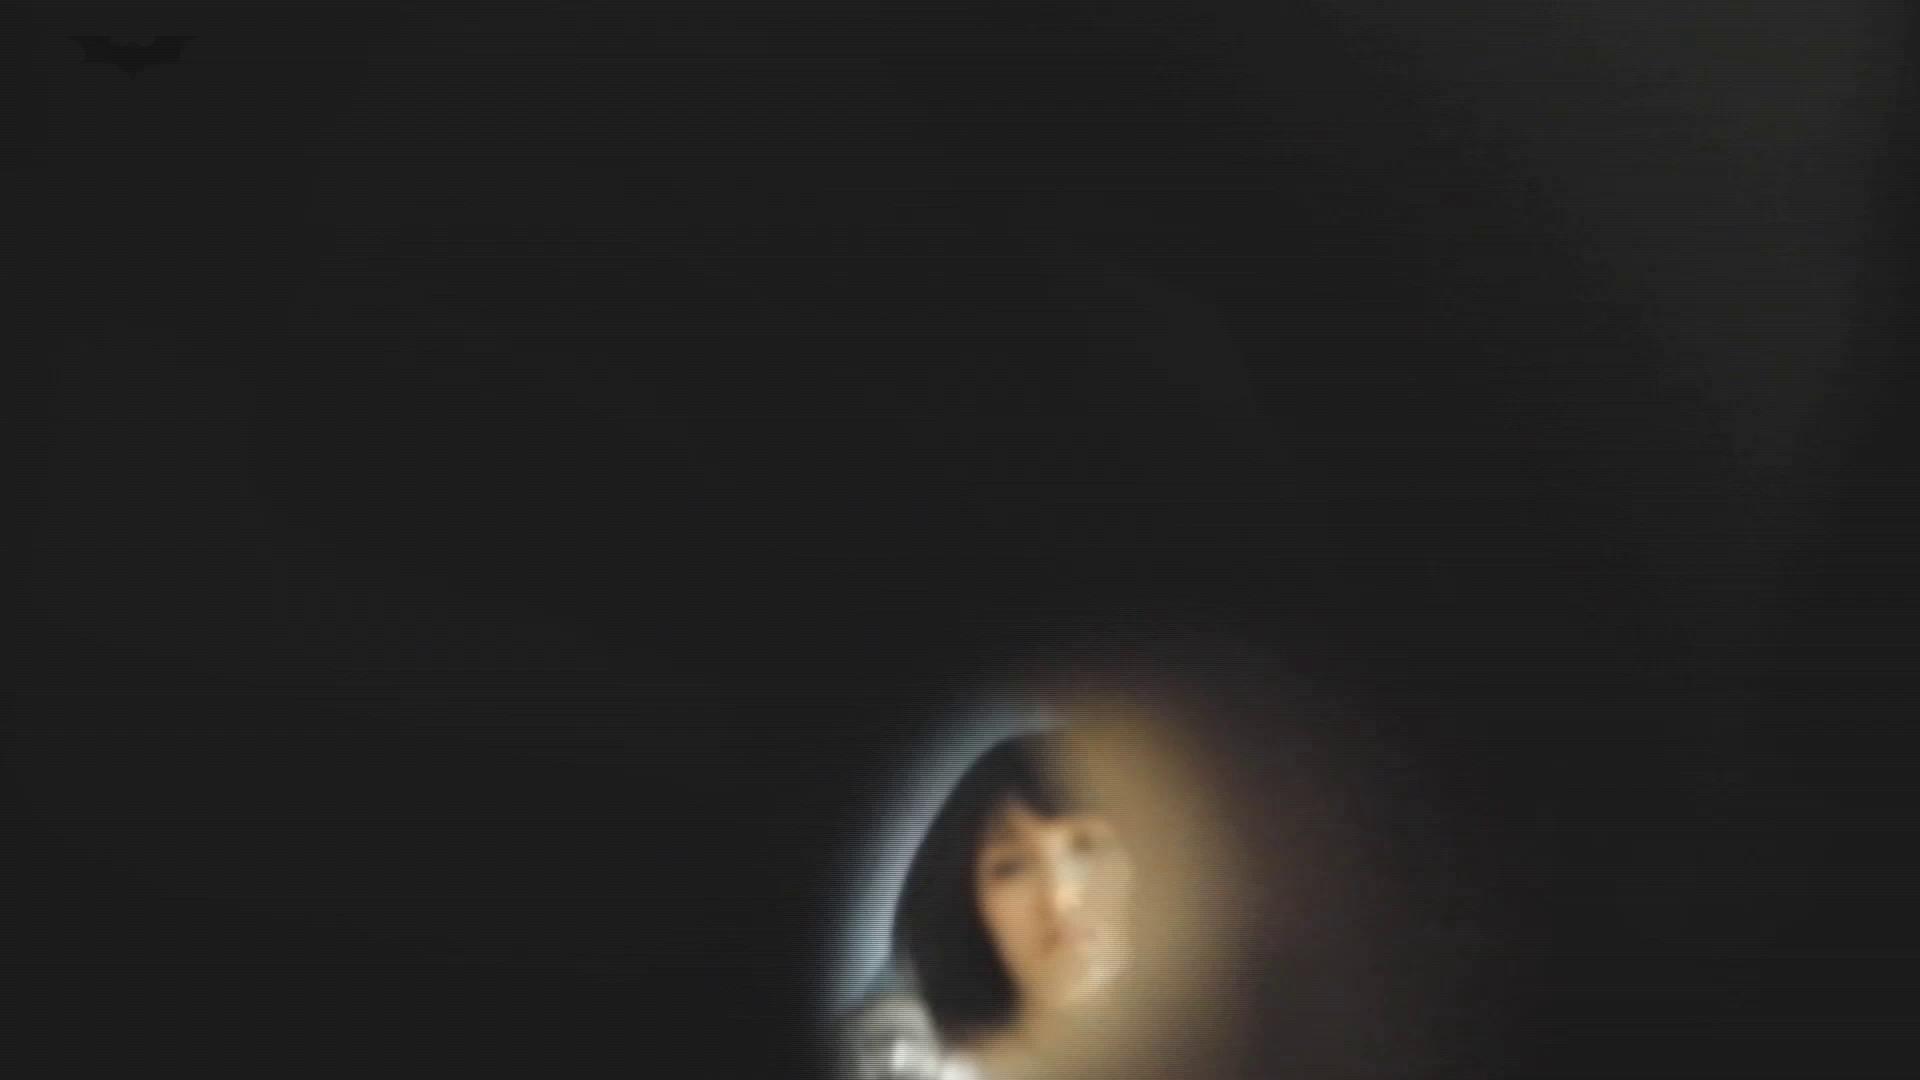 ステーション編 vol46 美女のアップが盛りだくさん。 エロいOL 戯れ無修正画像 39枚